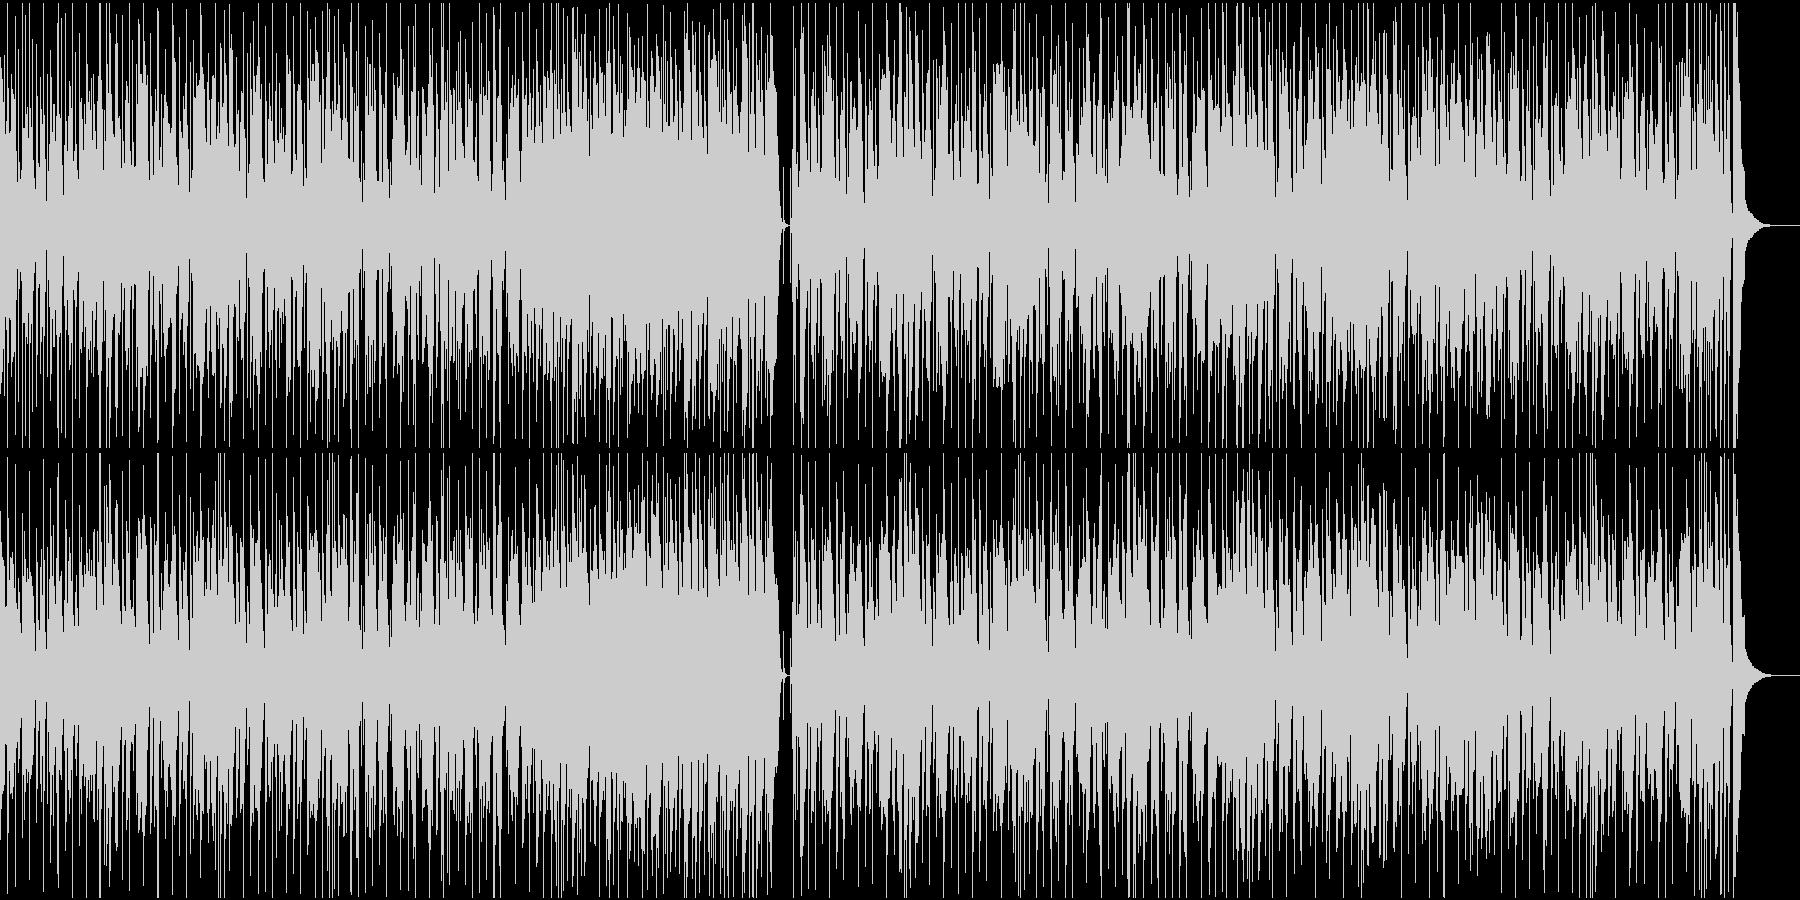 ファンク/ブラス/かっこいい/ノリノリの未再生の波形